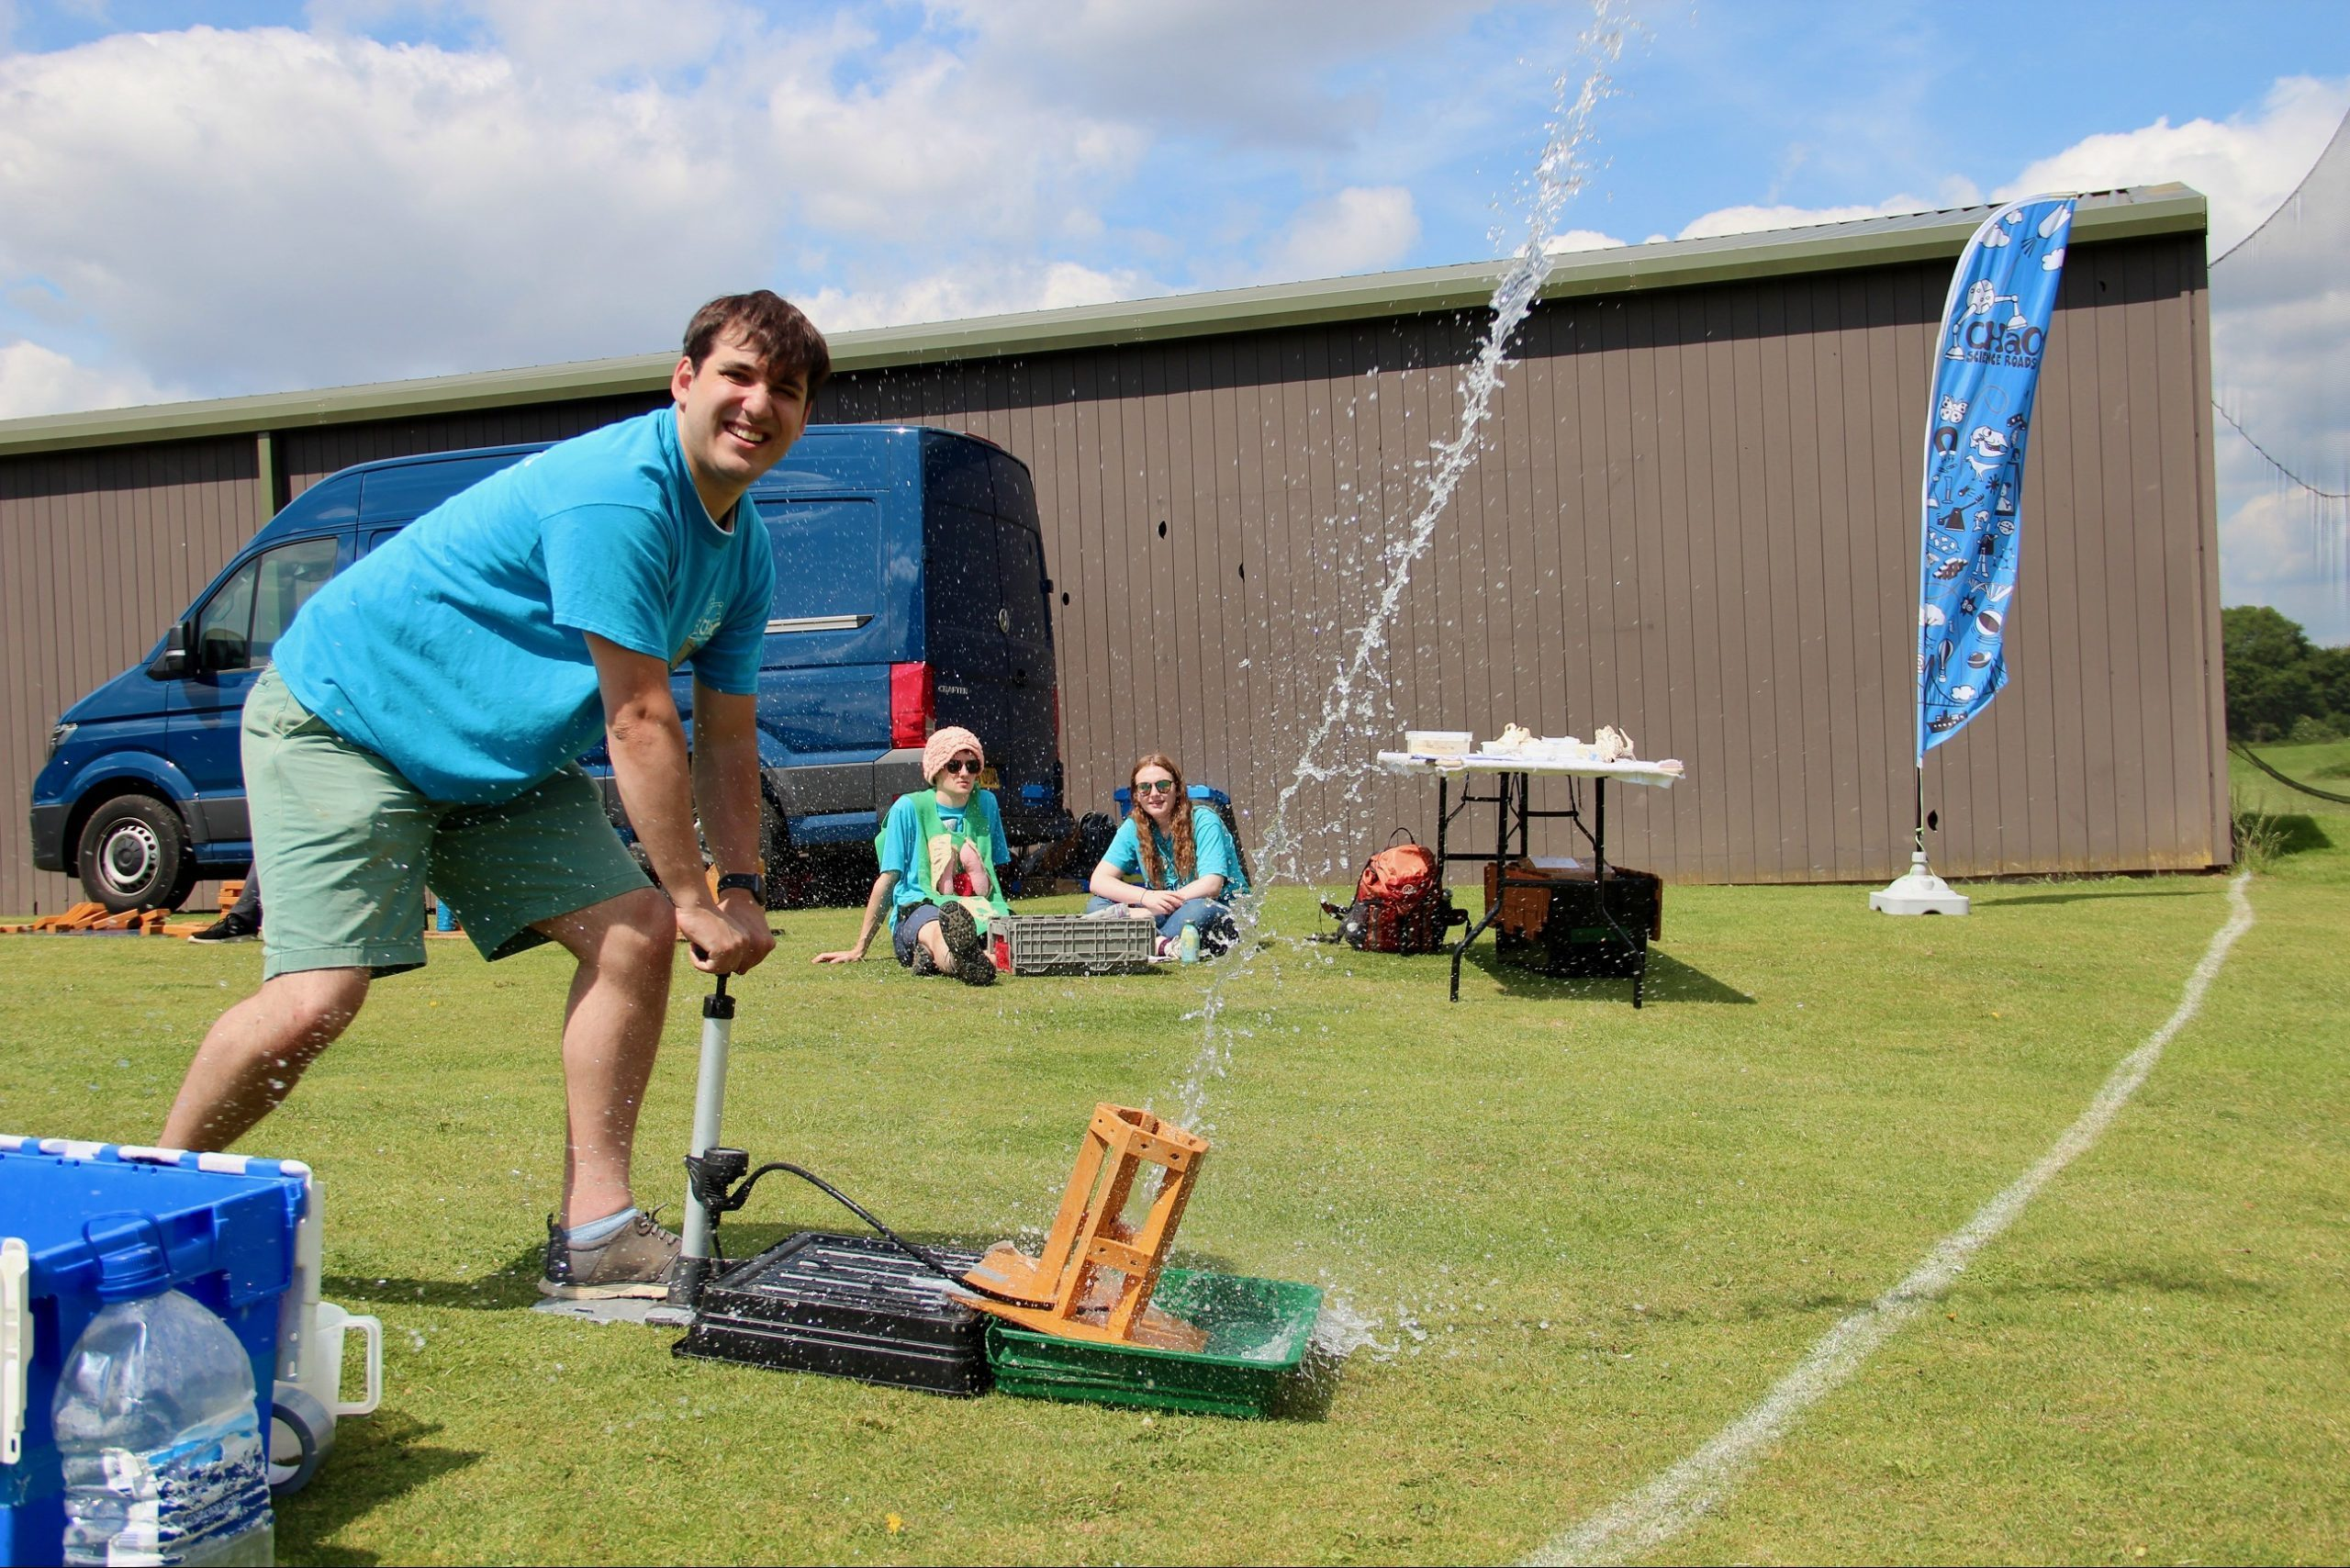 Launching Water Rockets